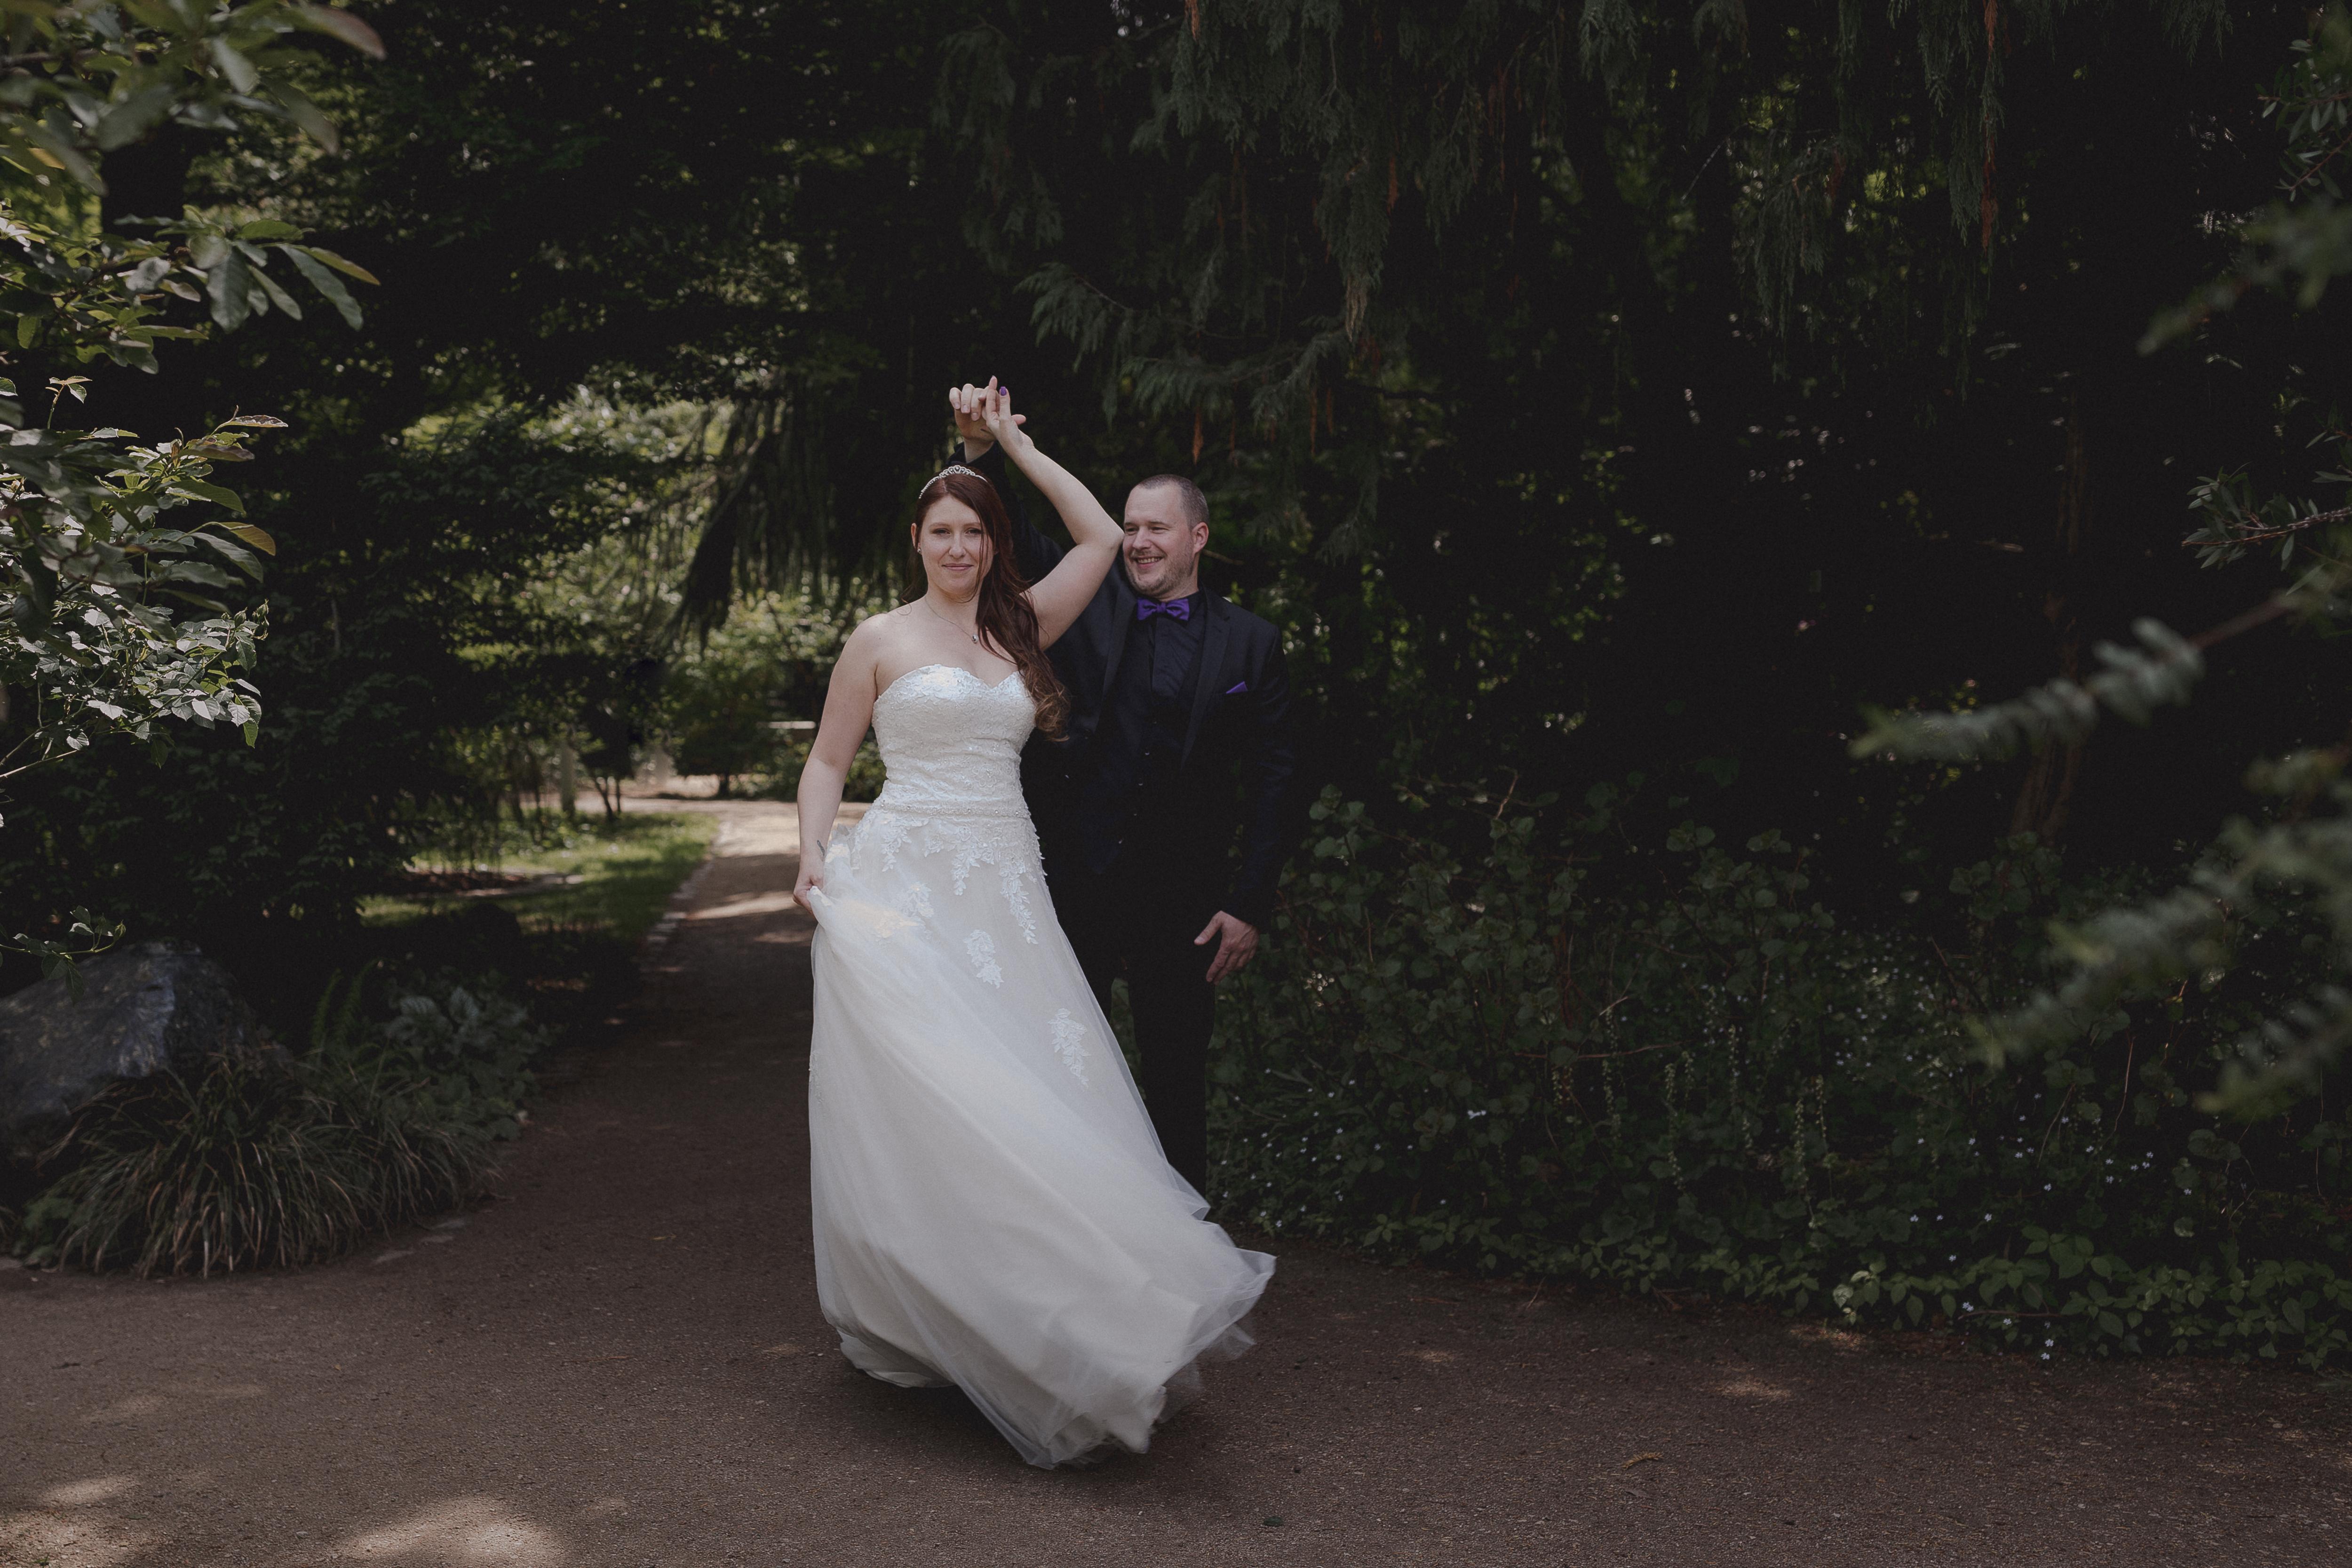 URBANERIE_Daniela_Goth_Vintage_Hochzeitsfotografin_Nuernberg_Fuerth_Erlangen_180519_0637